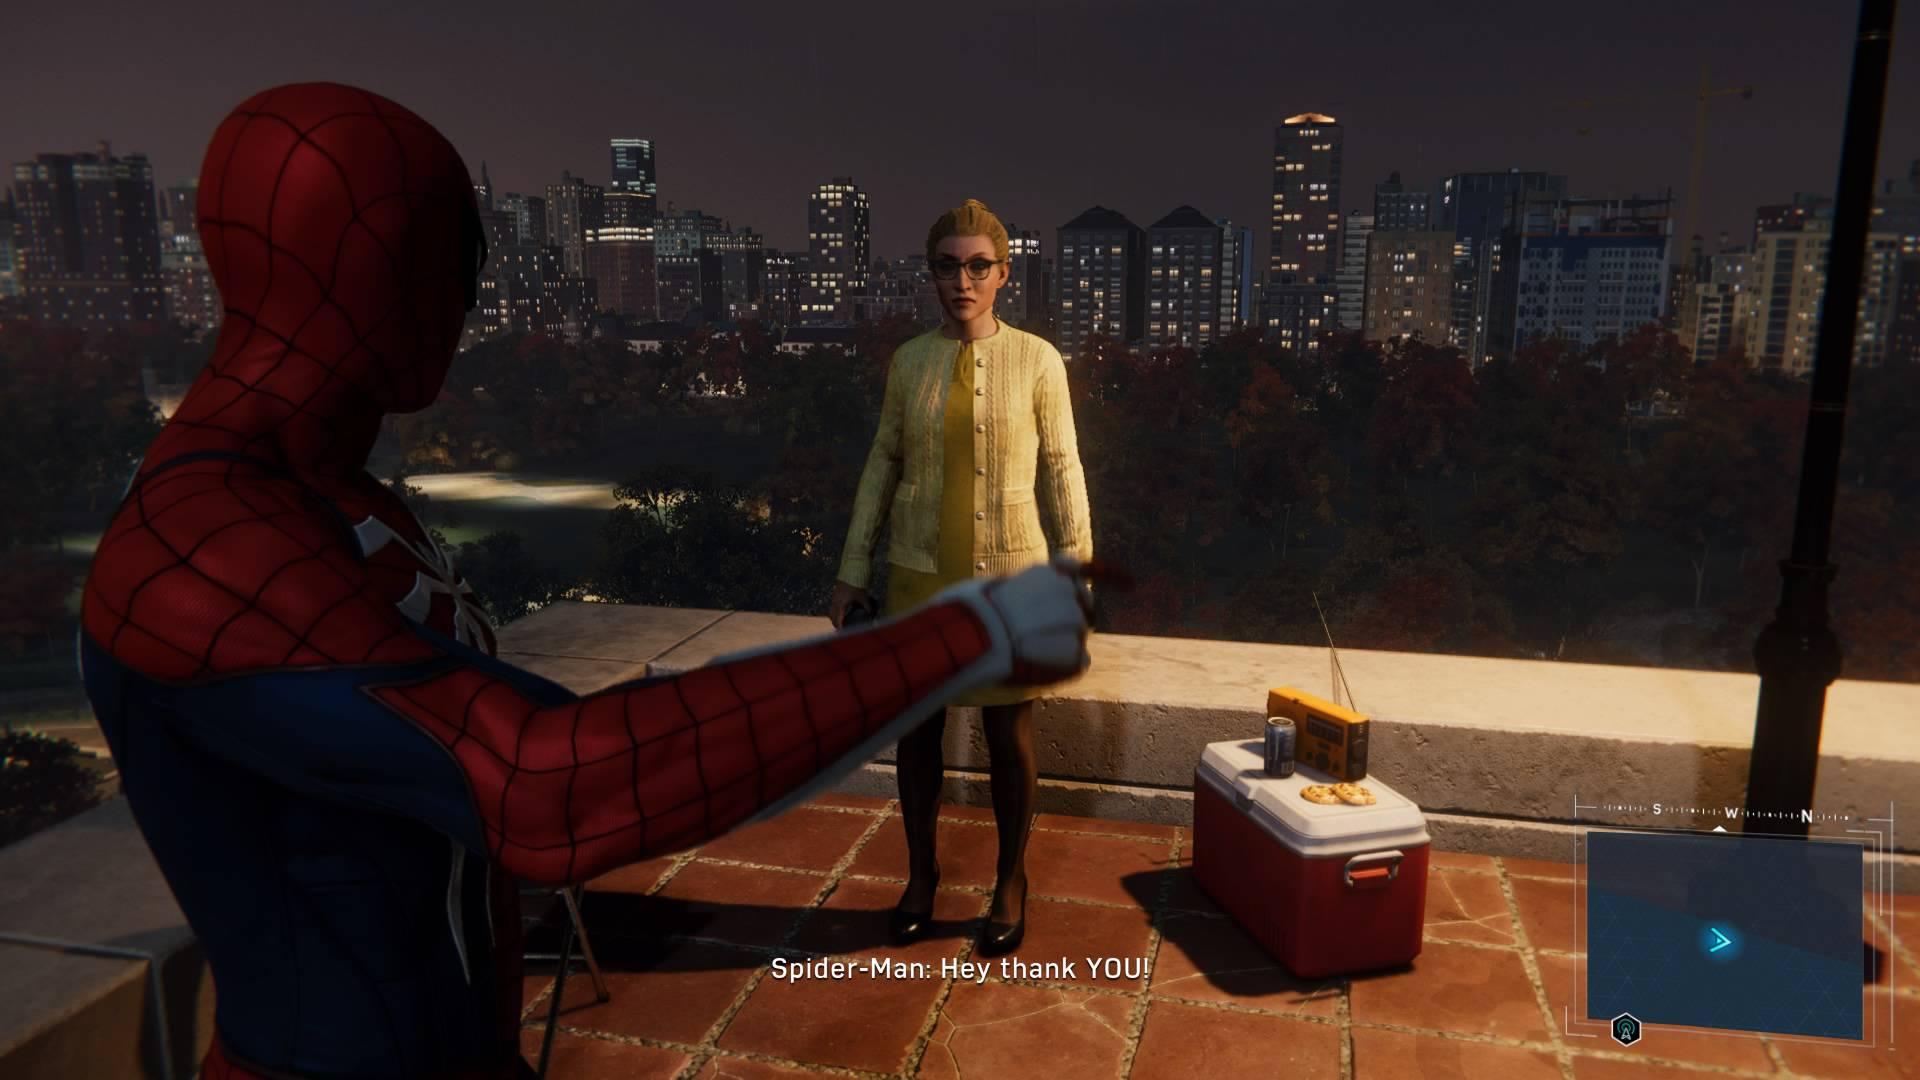 Sjajni Spider-Man ruši rekorde i najavio start cijelog serijala